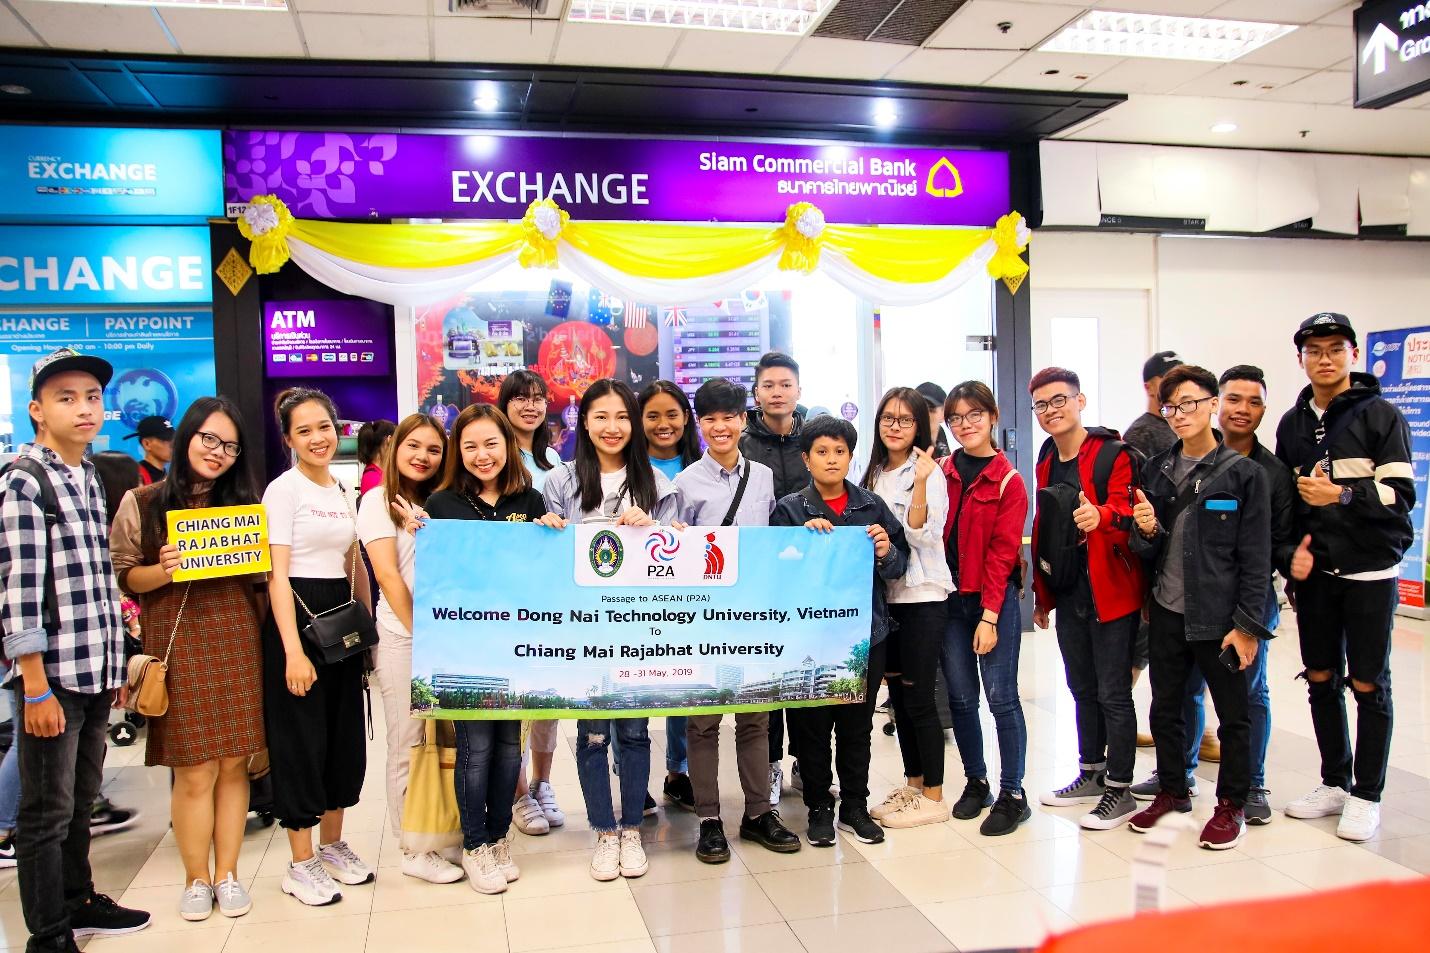 Sinh viên DNTU tham gia chương trình giao lưu trao đổi văn hoá và tham quan doanh nghiệp tại trường Đại học Chiang Mai Rajabhat (CMRU) - Thái Lan